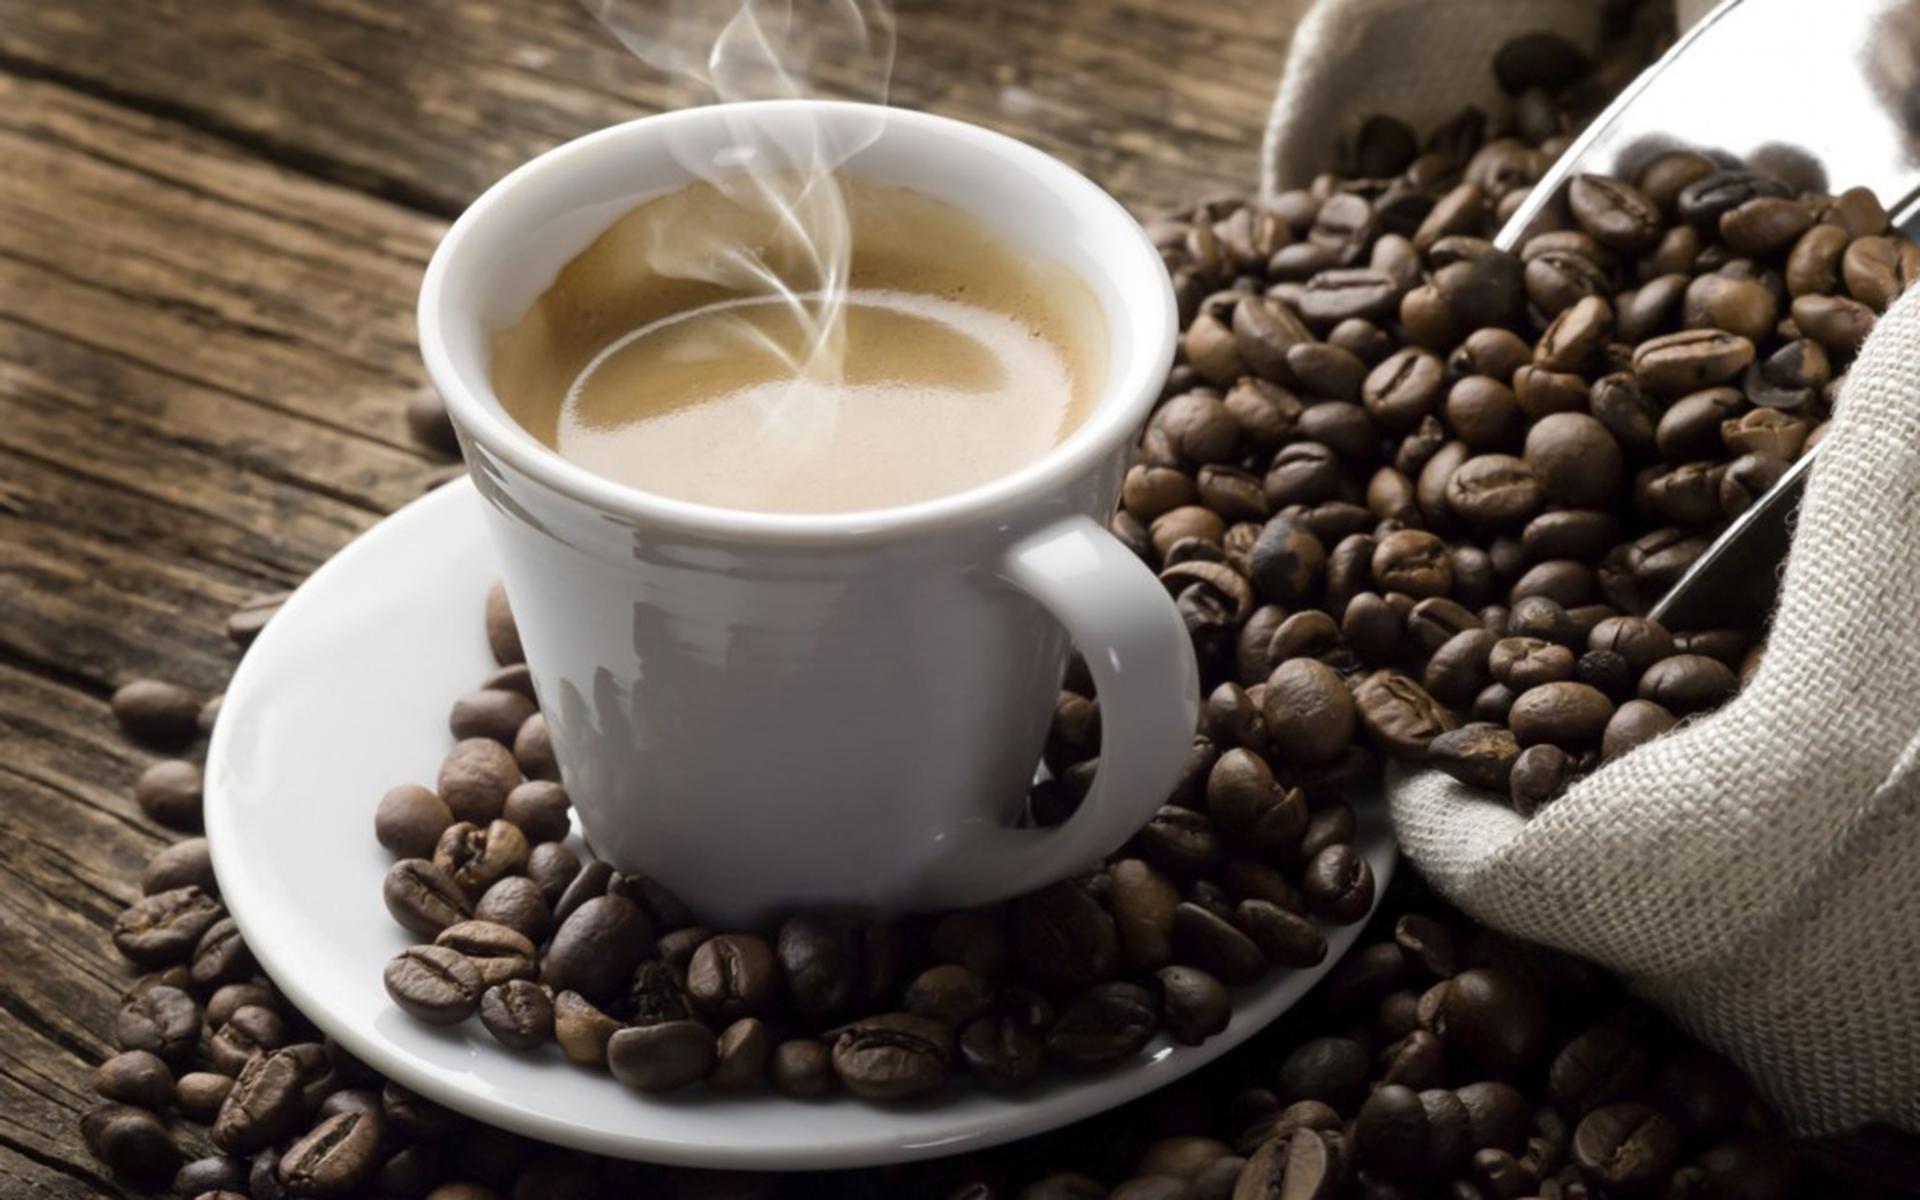 ELYTIS Hospital: Cafeaua te poate ajuta să slăbeşti